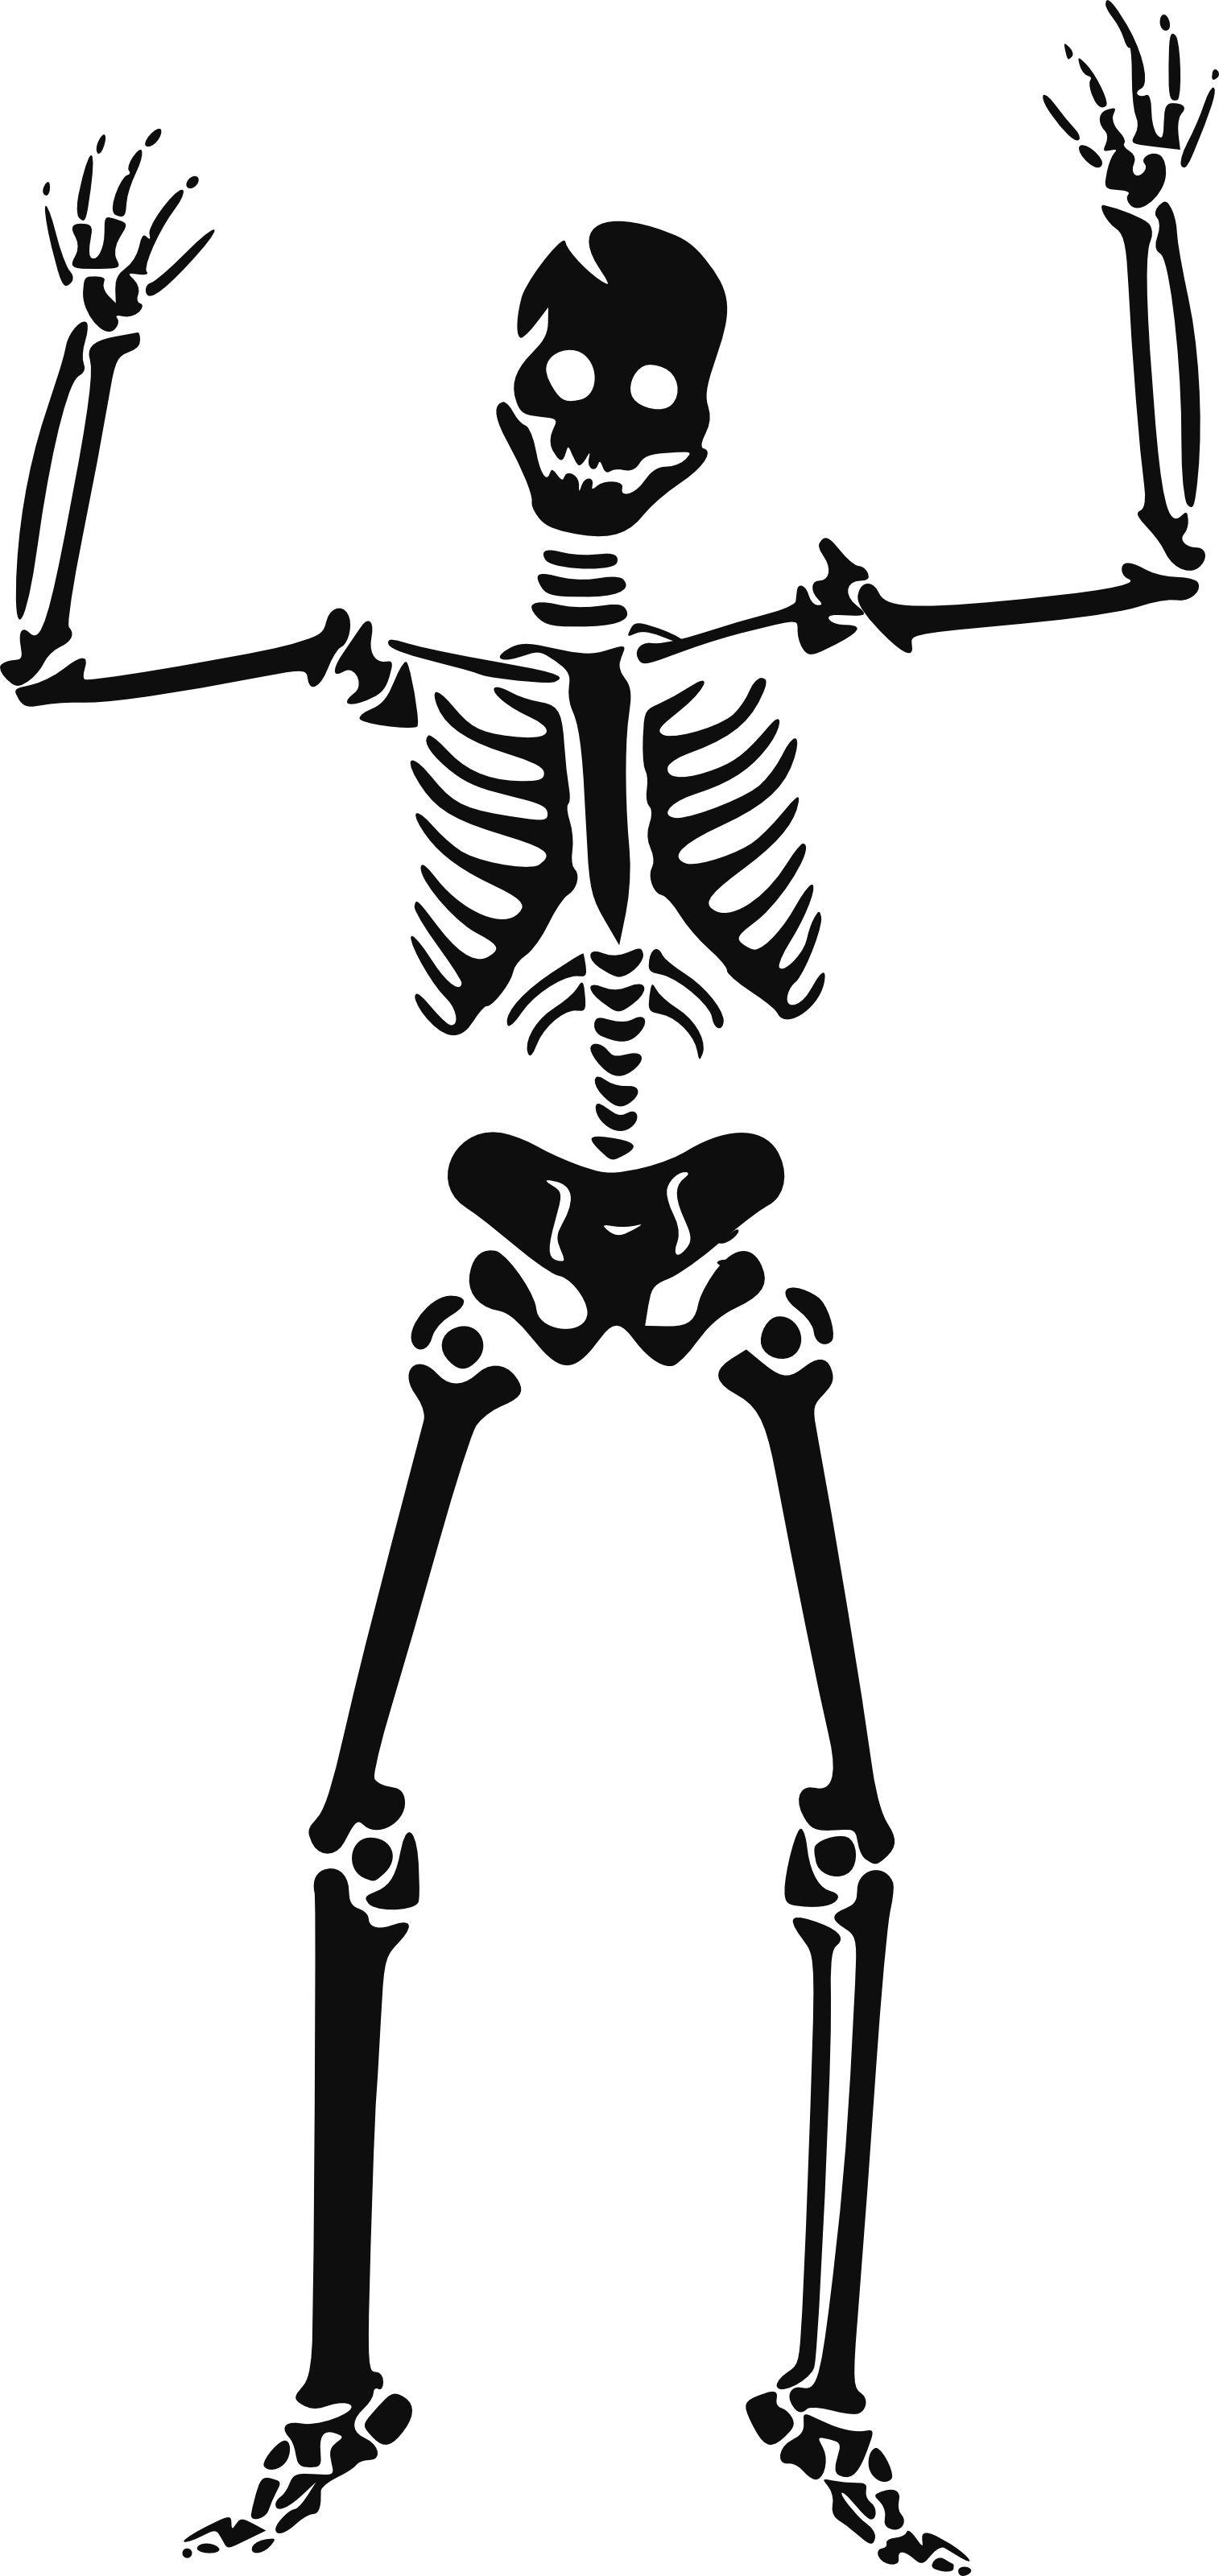 Bones clipart simple, Bones simple Transparent FREE for.